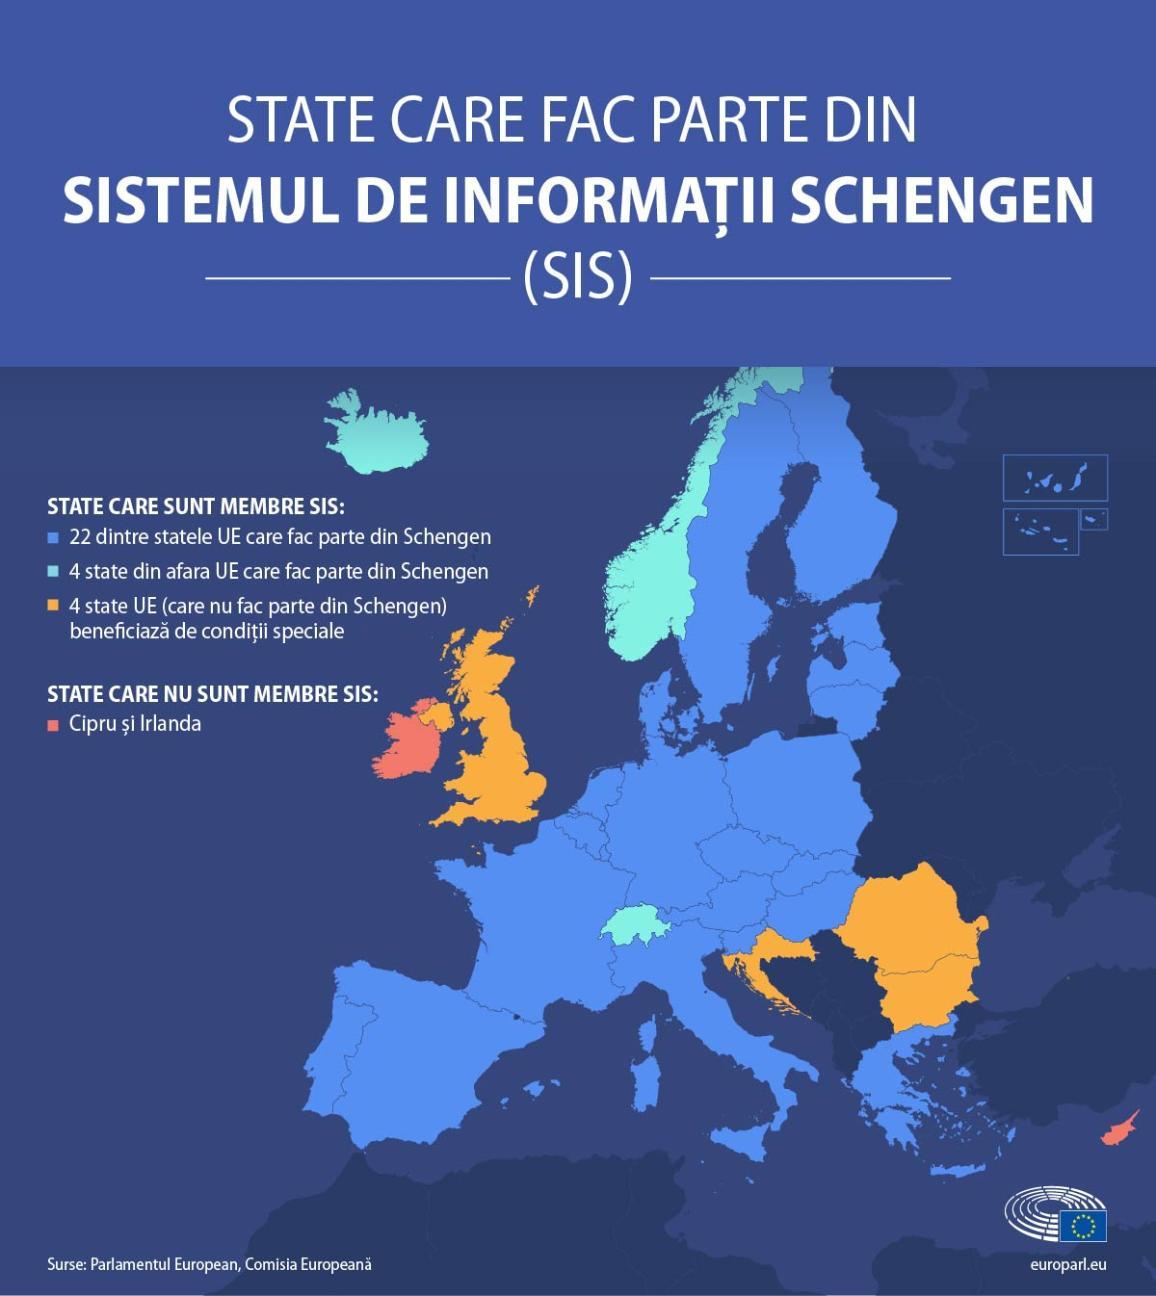 State care fac parte din Sistemul de Informații Schengen .